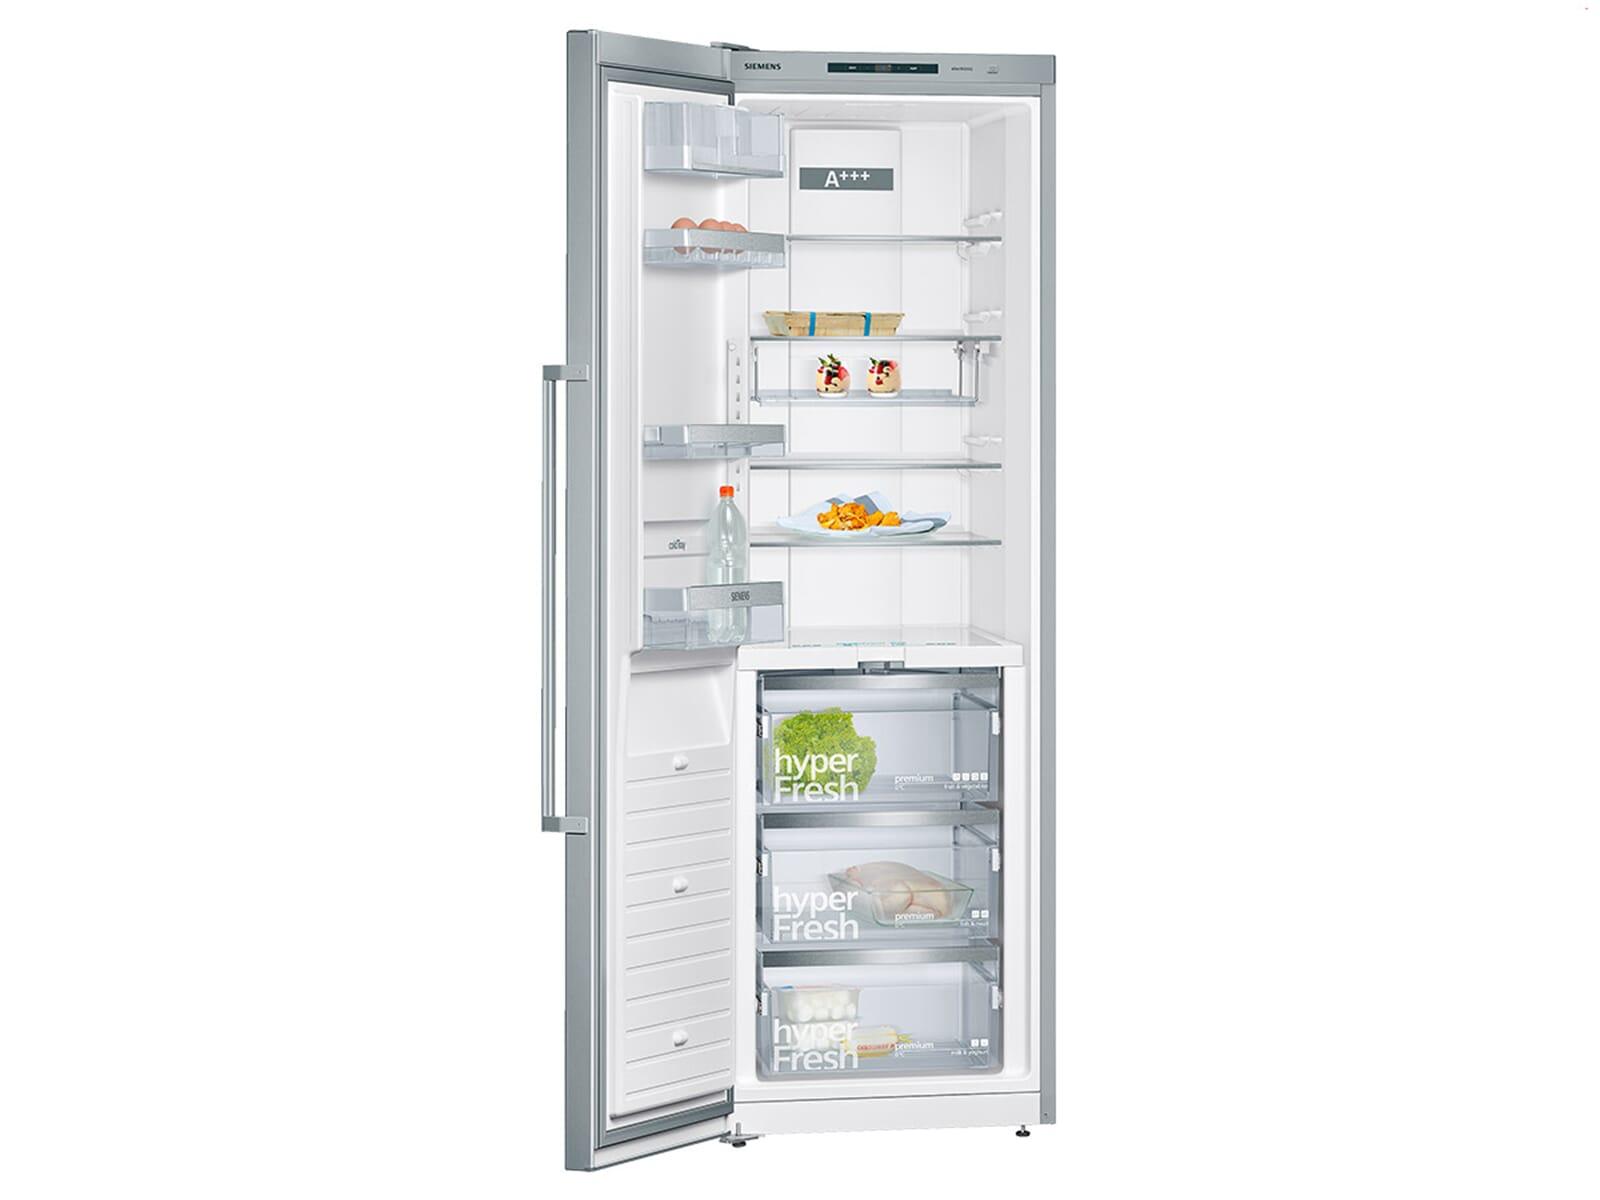 Siemens ks36fpi40 standkuhlschrank edelstahl for Siemens standkühlschrank mit gefrierfach